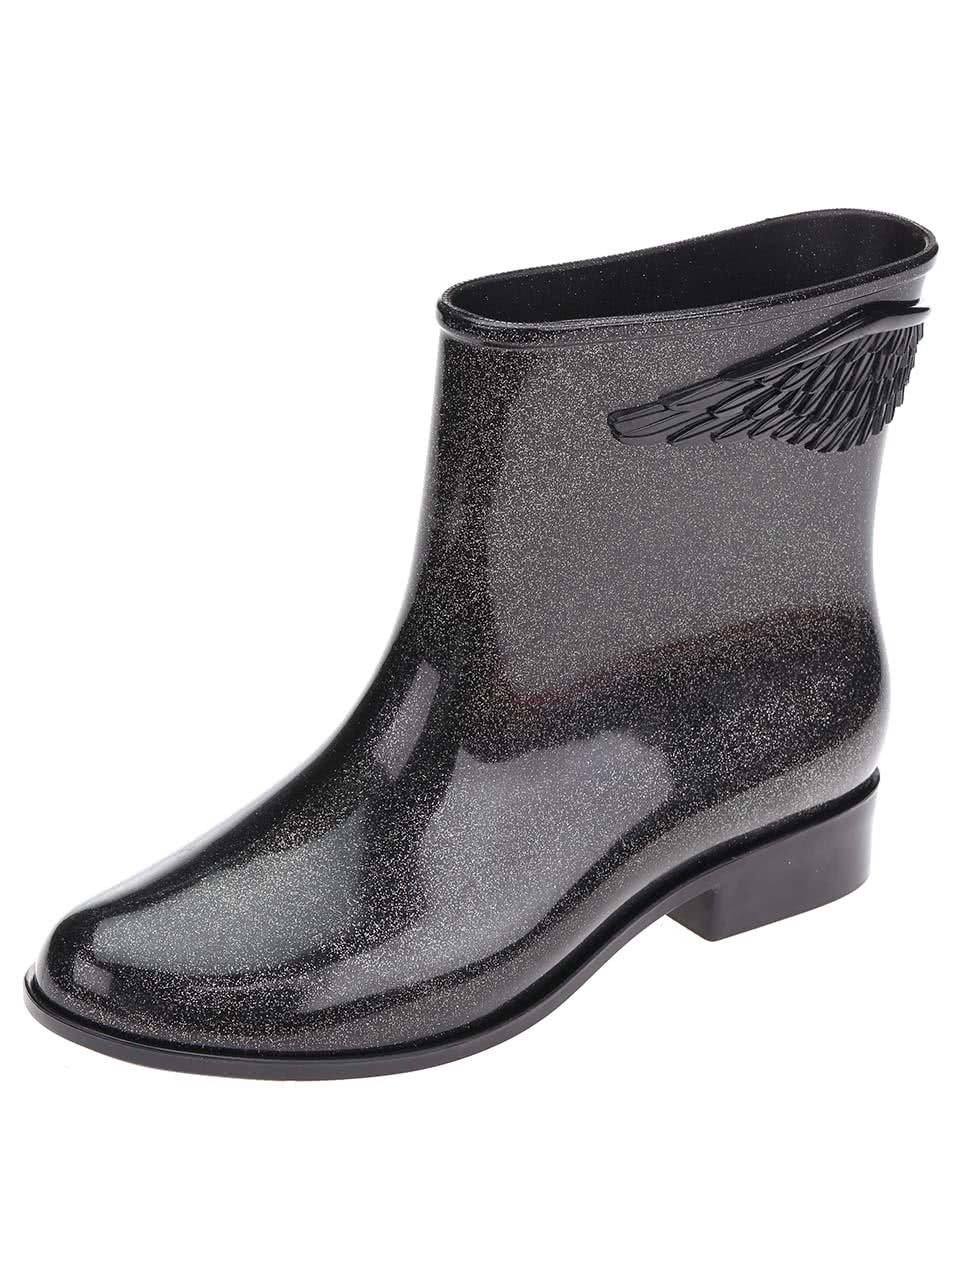 Stříbrno-černé nízké holínky s křídly Mel Goji Berry II